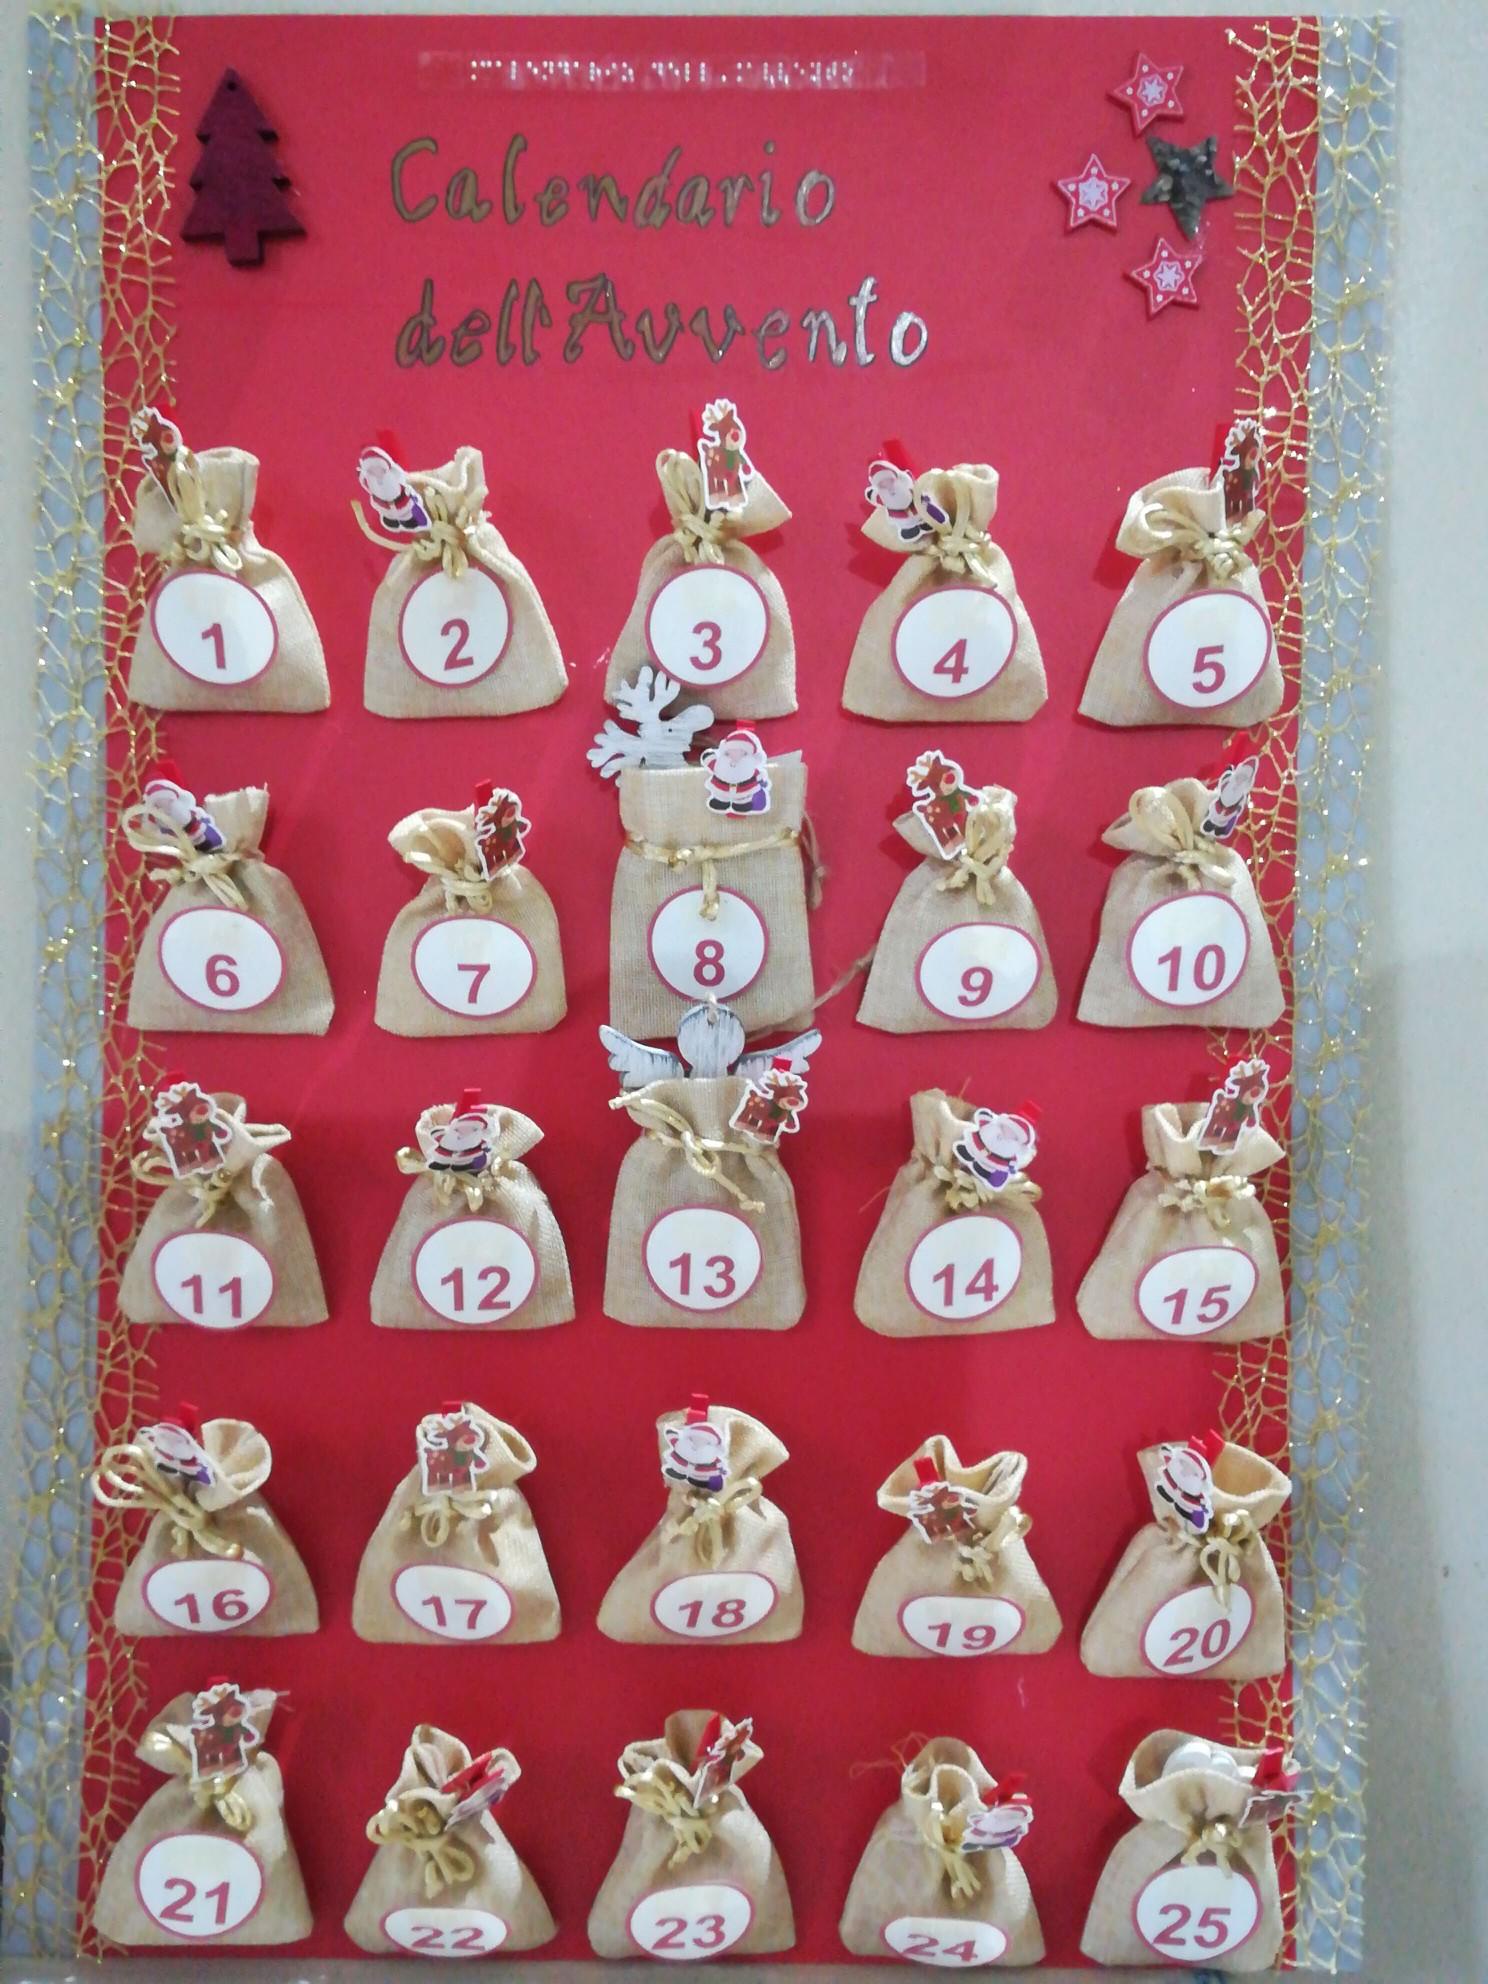 Calendario Di Avvento Per Bambini.Calendario Dell Avvento Centro Italiano Tiflotecnico